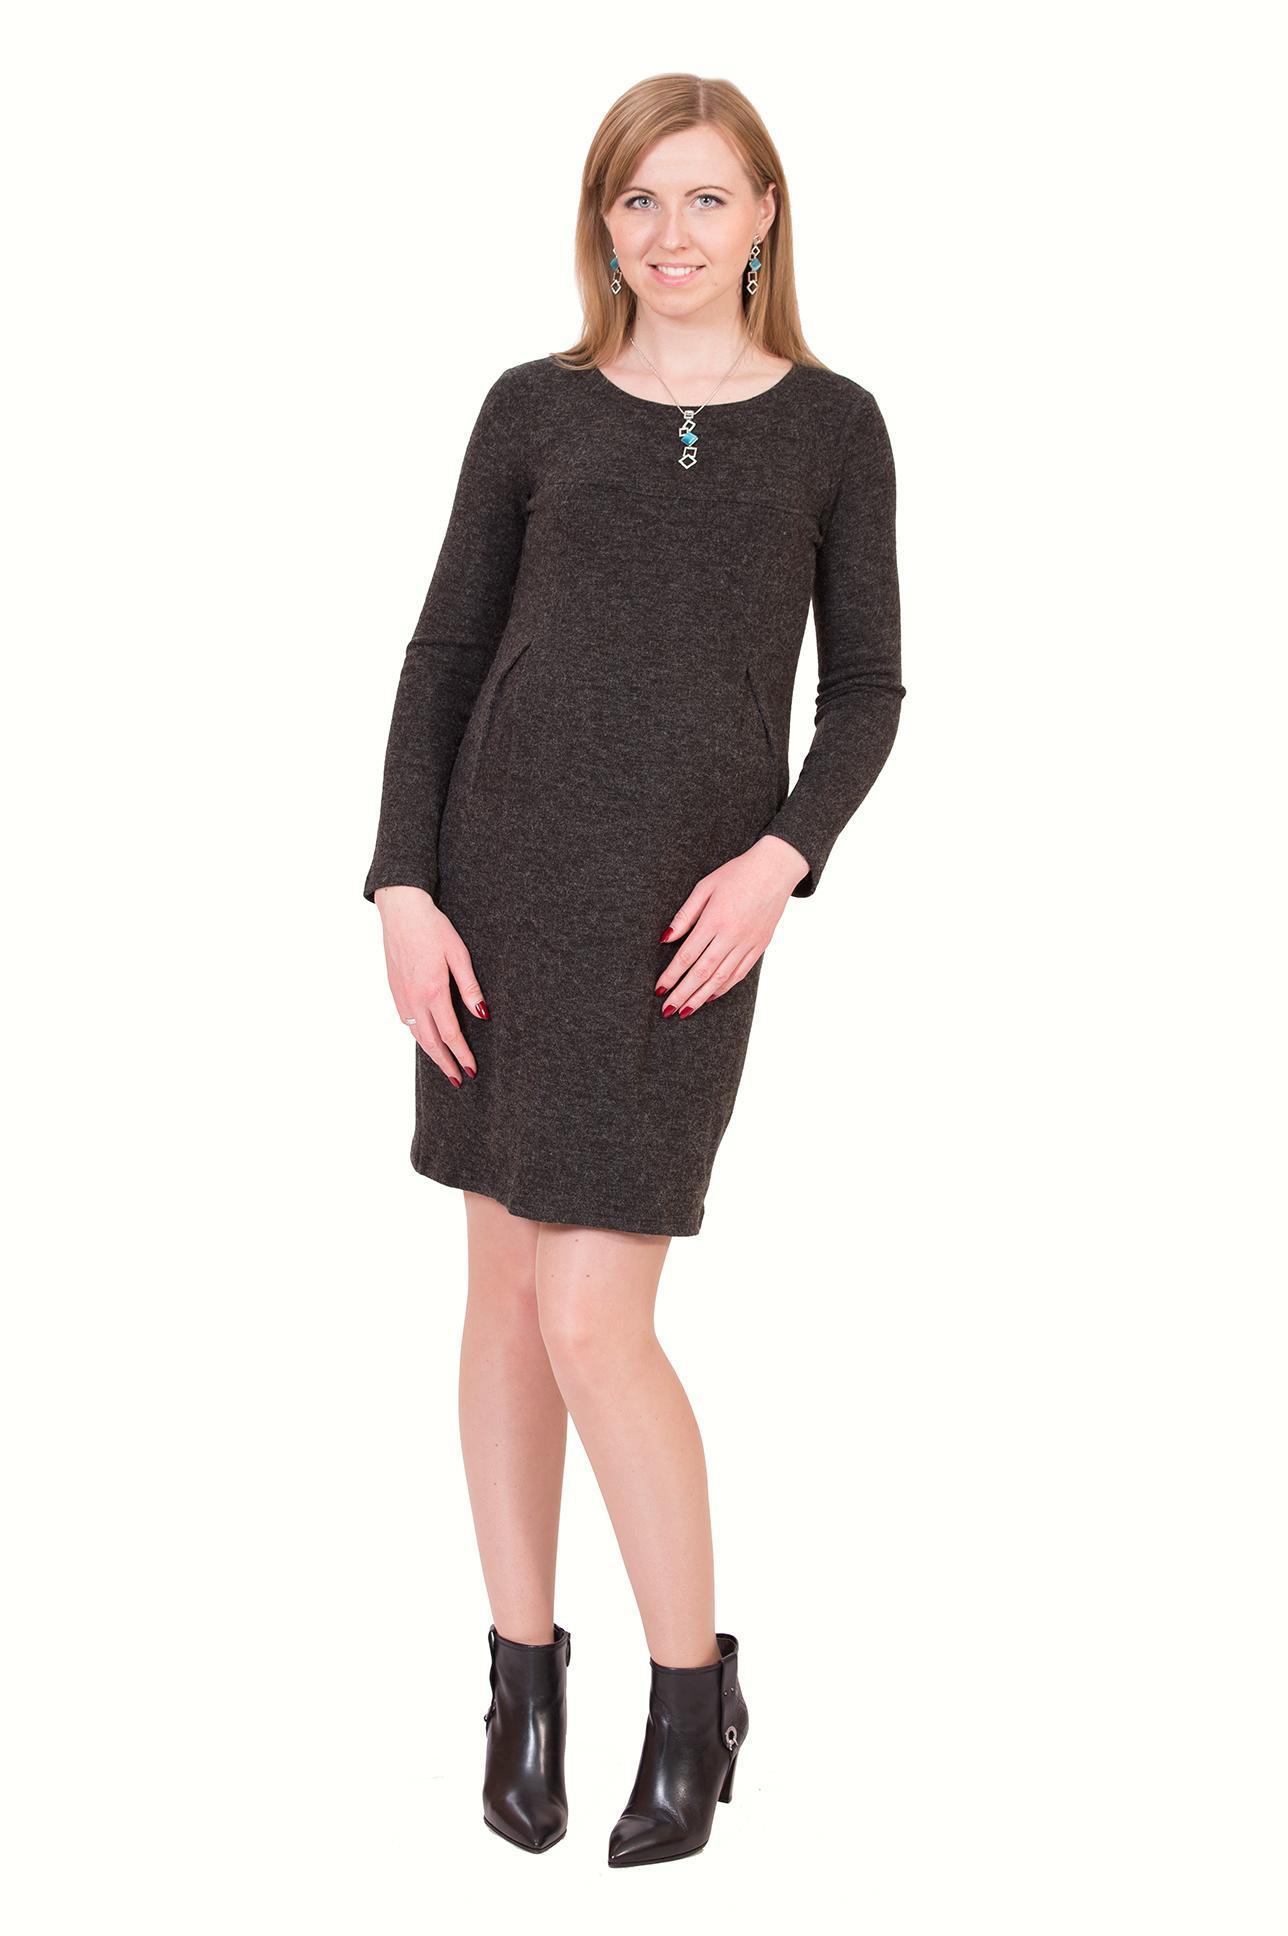 Платье ангора «Марика» по цене 845.00 руб., купить в интернет ... 26ab2bc8d52